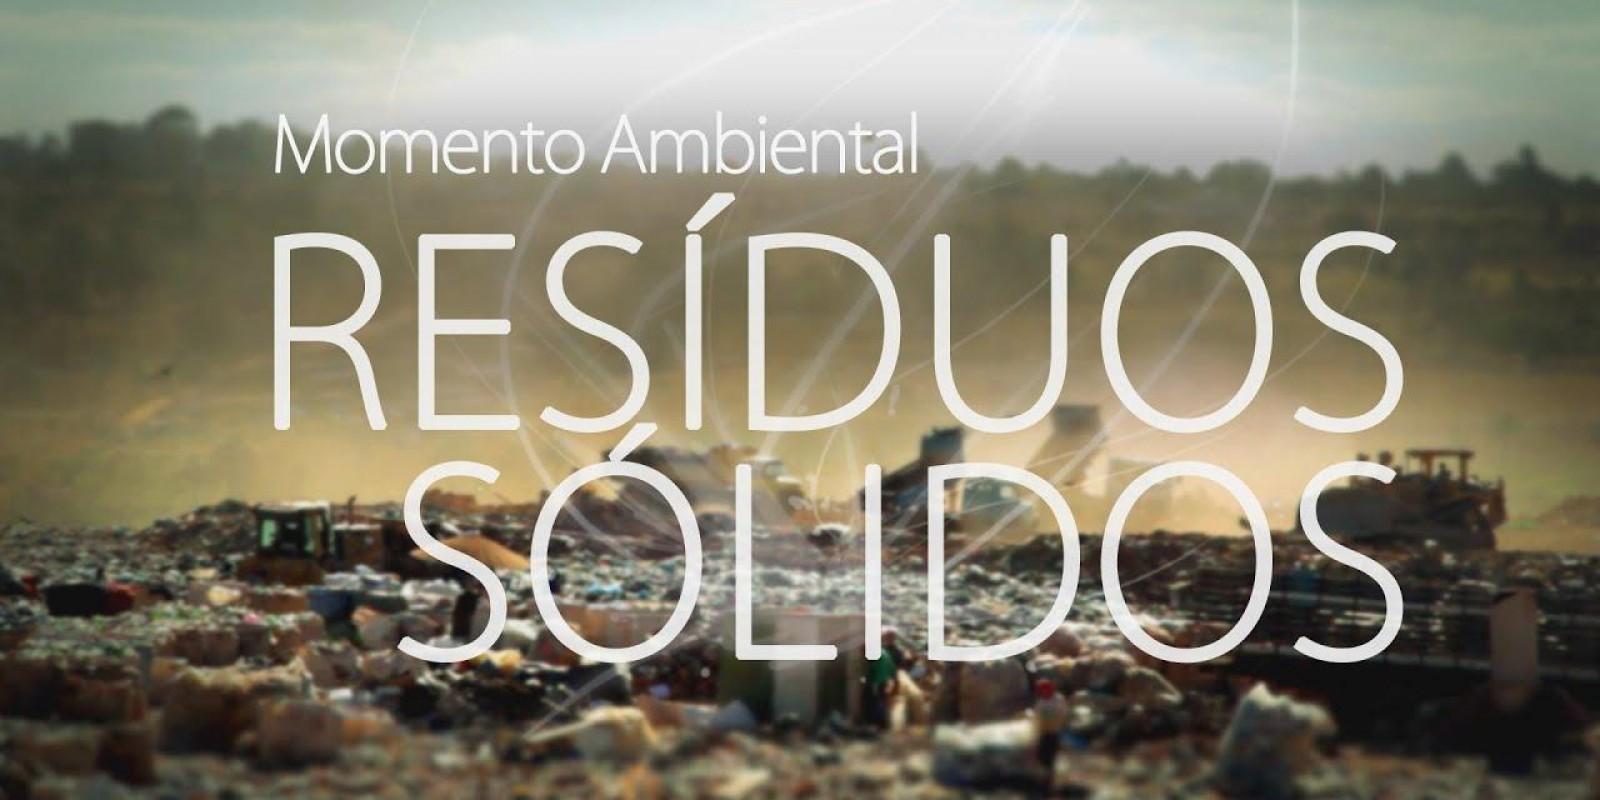 Resíduos Sólidos - Momento Ambiental